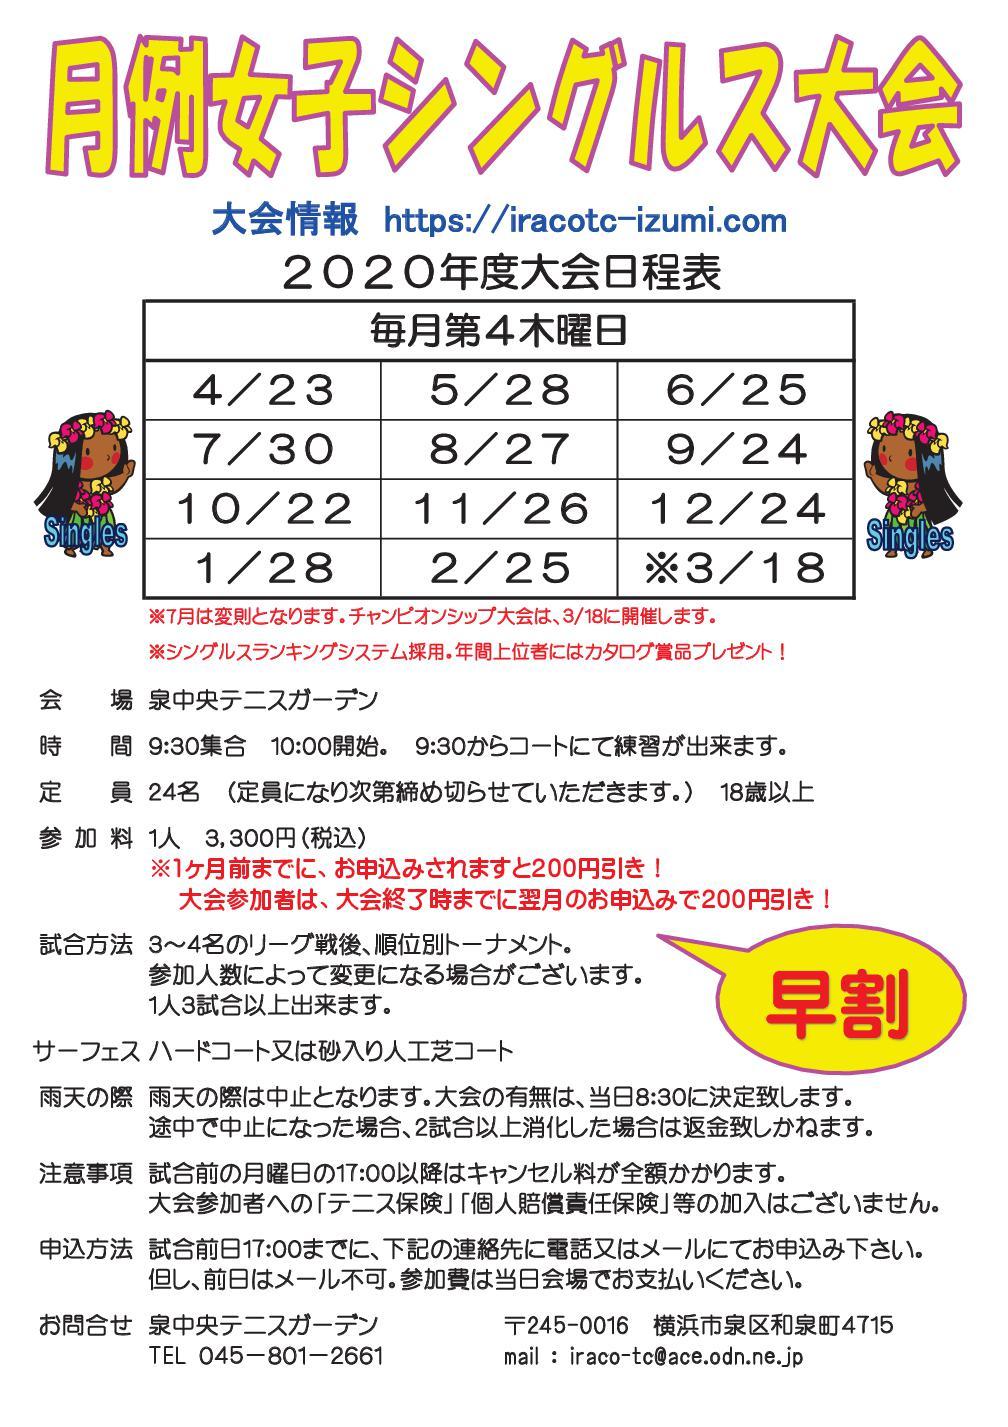 09 - 🚺「月例女子シングルス大会」(木曜日)